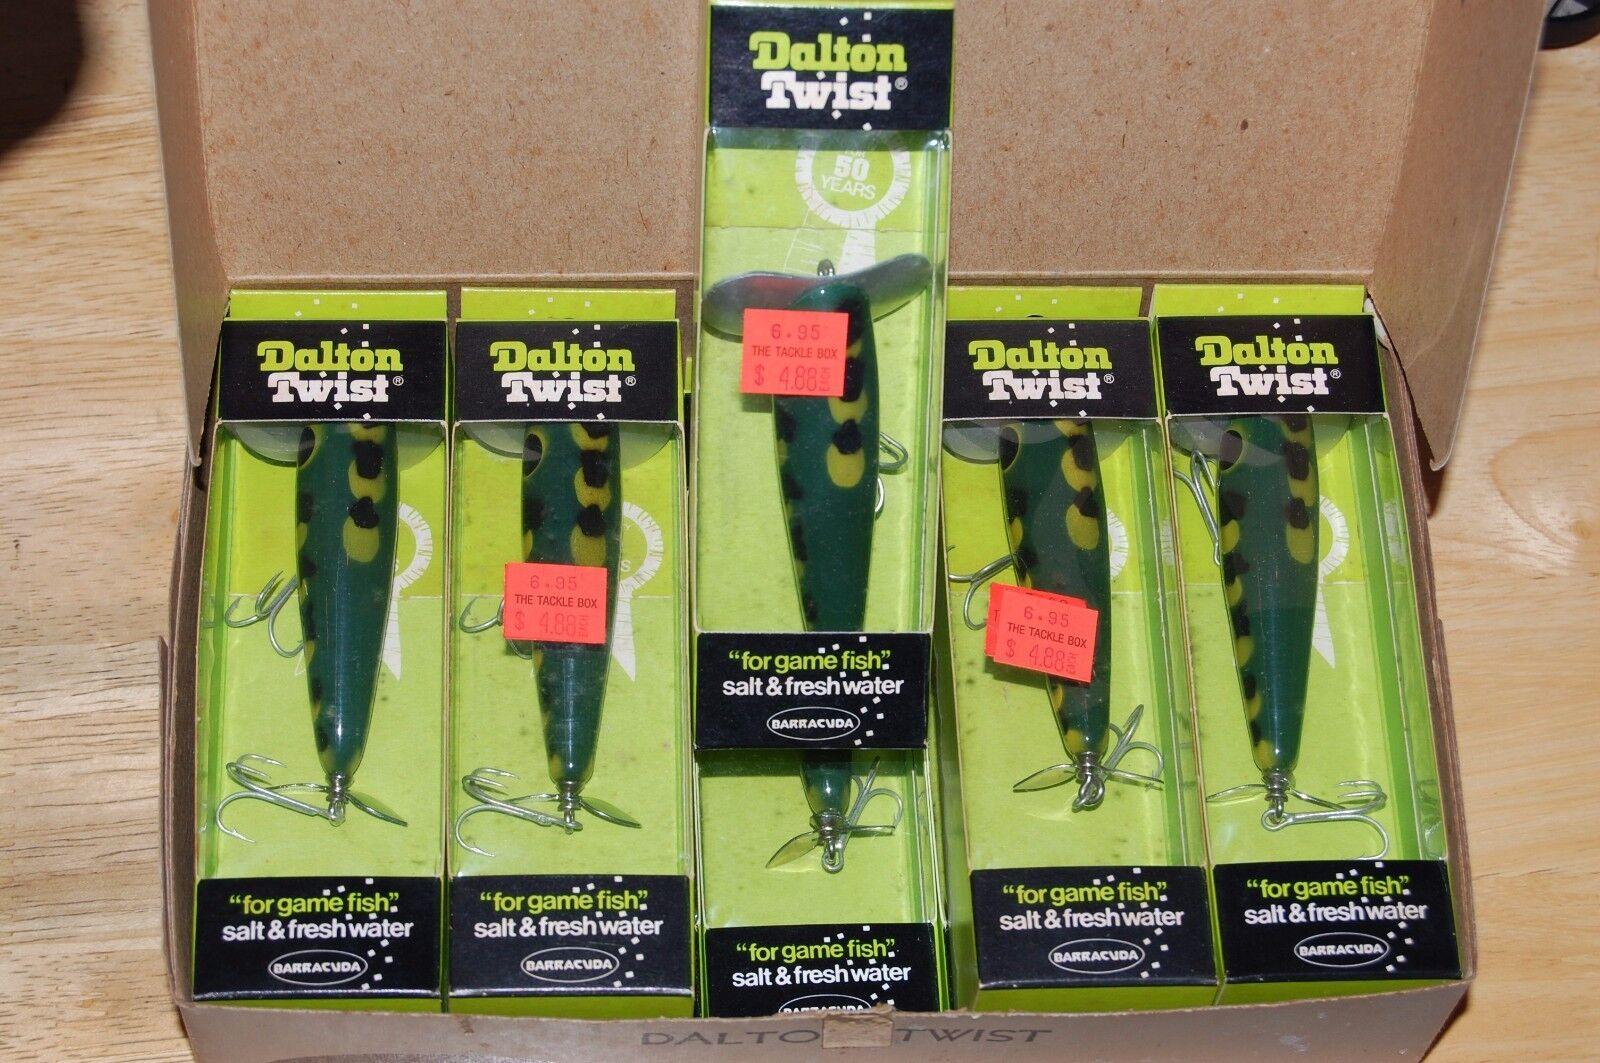 10 lures dealer box old dalton twist dt45 yf frog pattern prop propeller bait